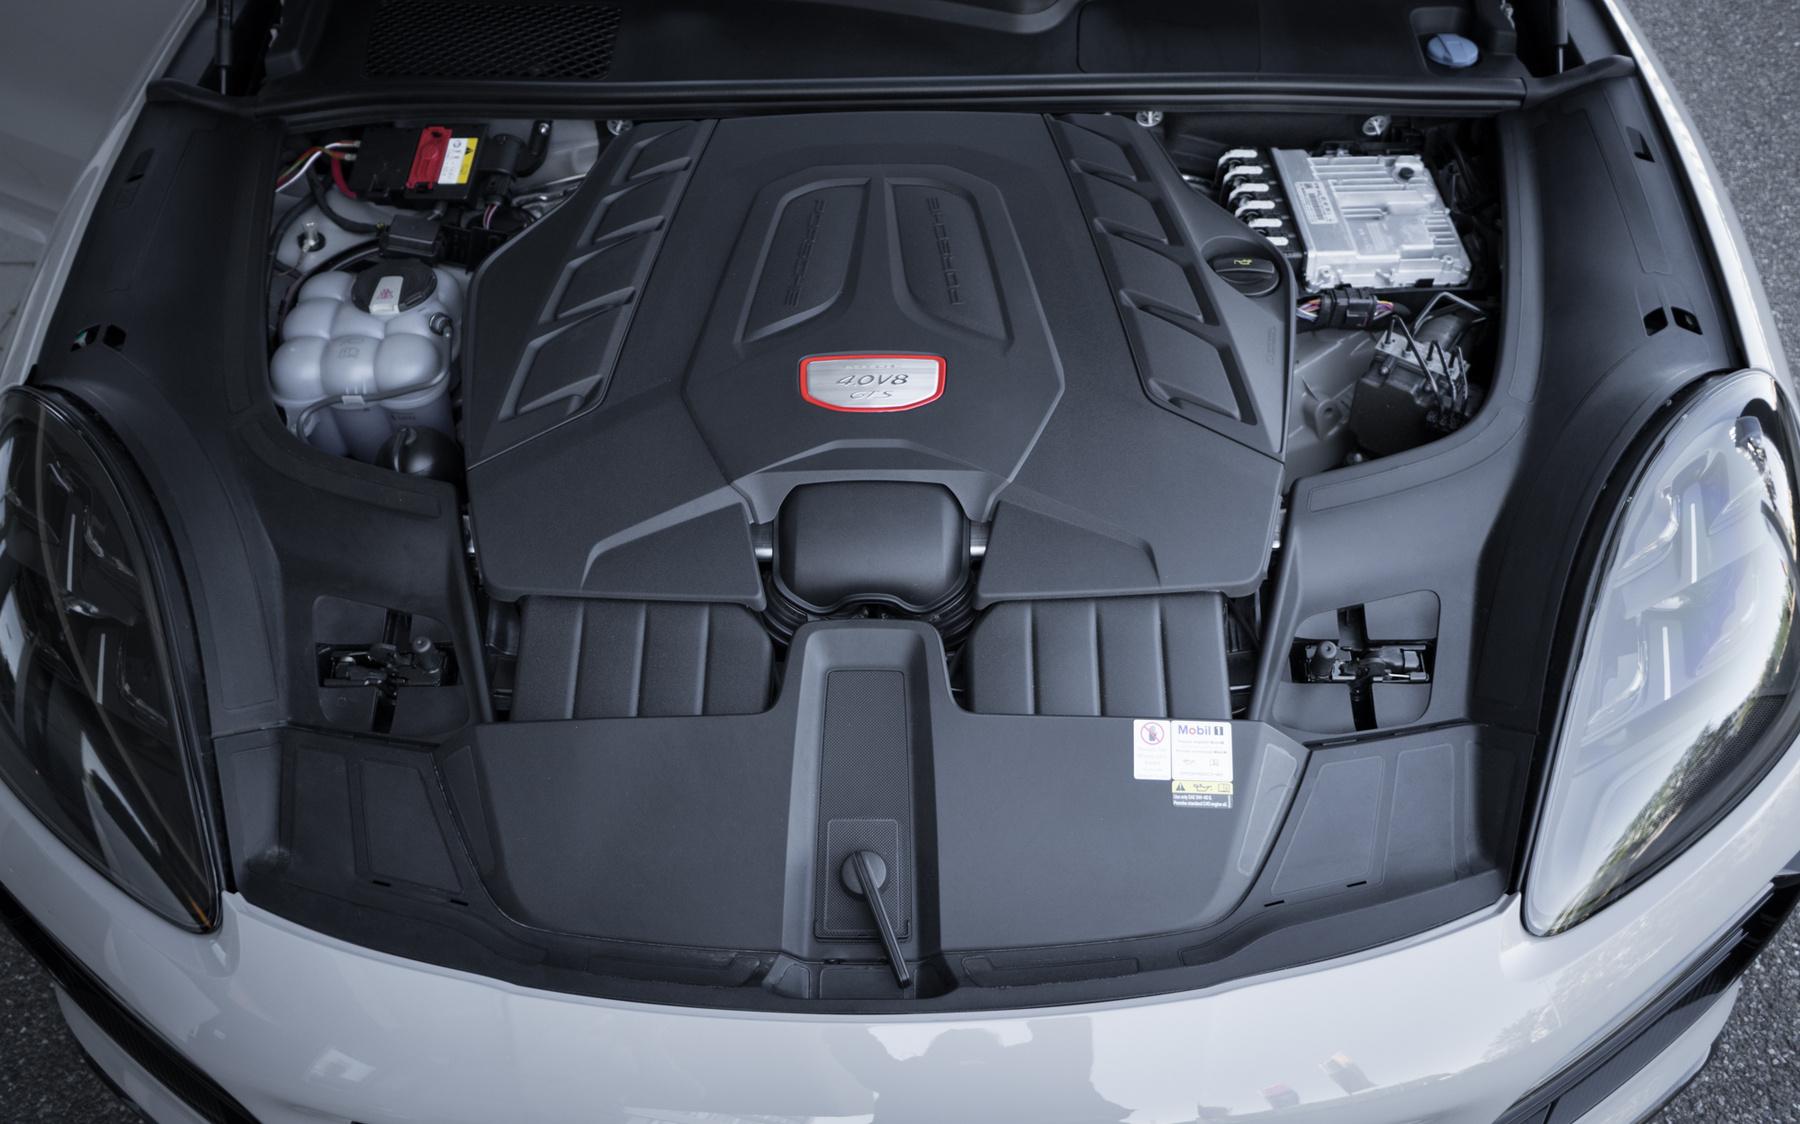 A 4 liert annyira nem reklámoznám, a V8 továbbra is menő